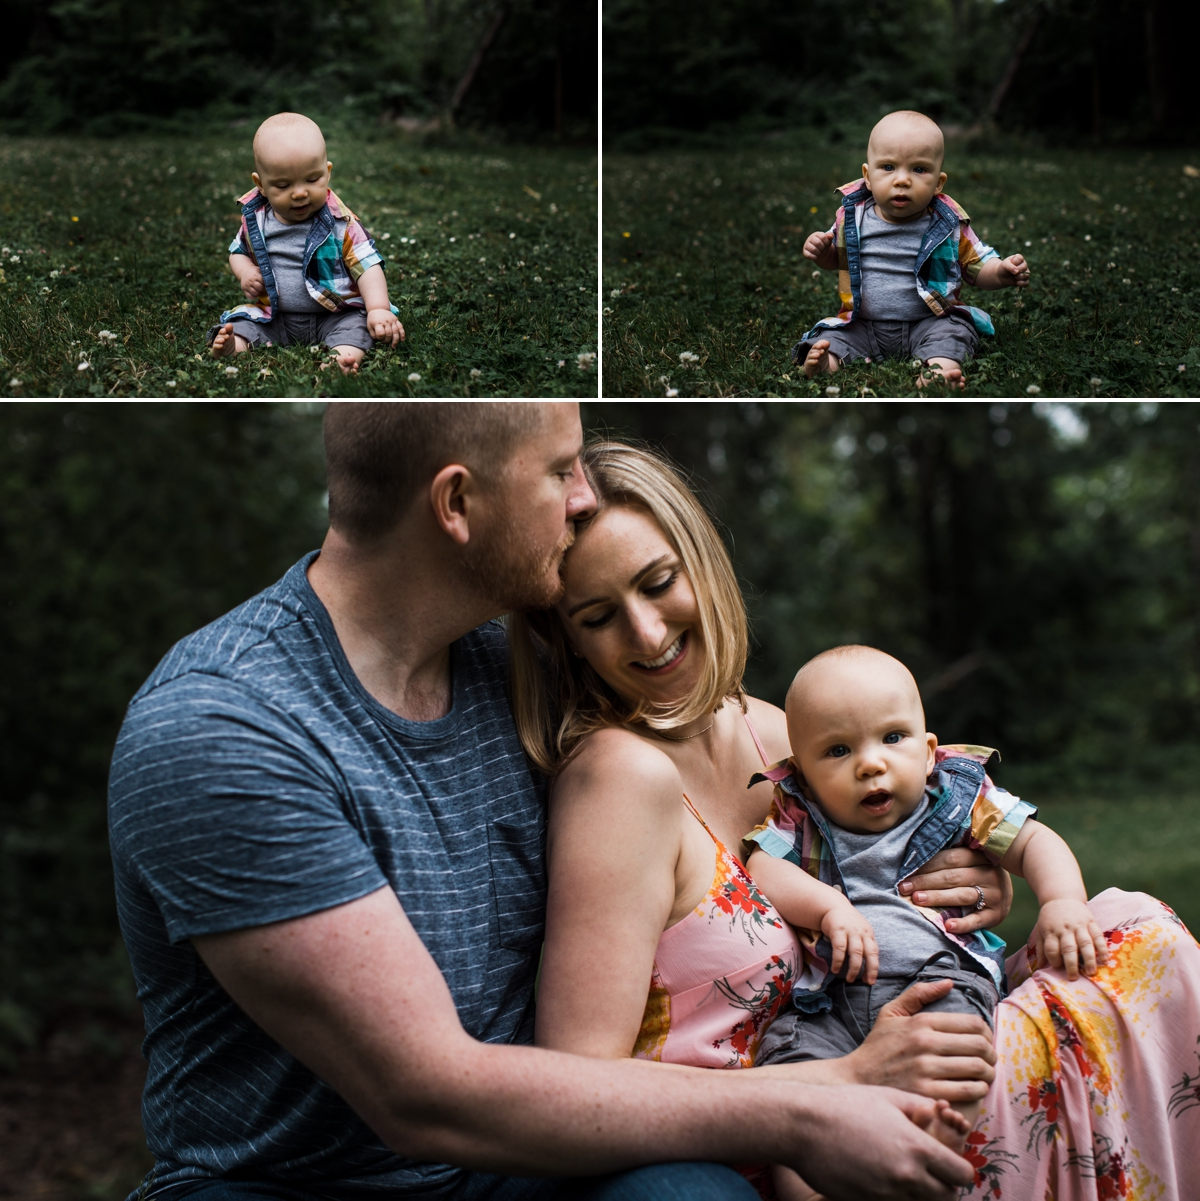 elena s blair seattle lifestyle family photographer 6.jpg